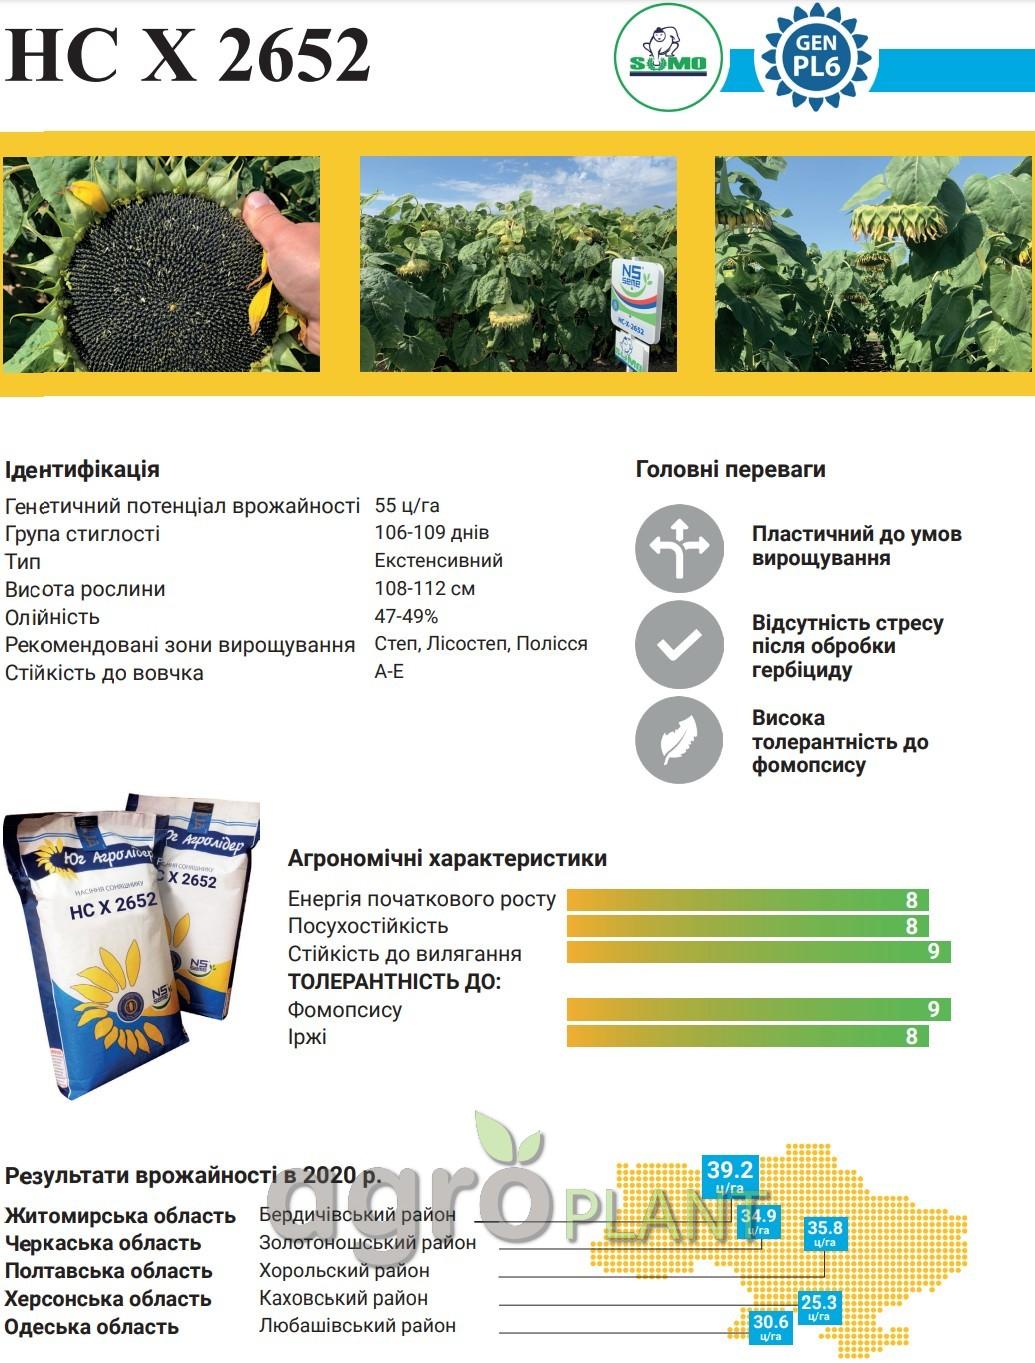 купить семена подсолнечника нс х 2652